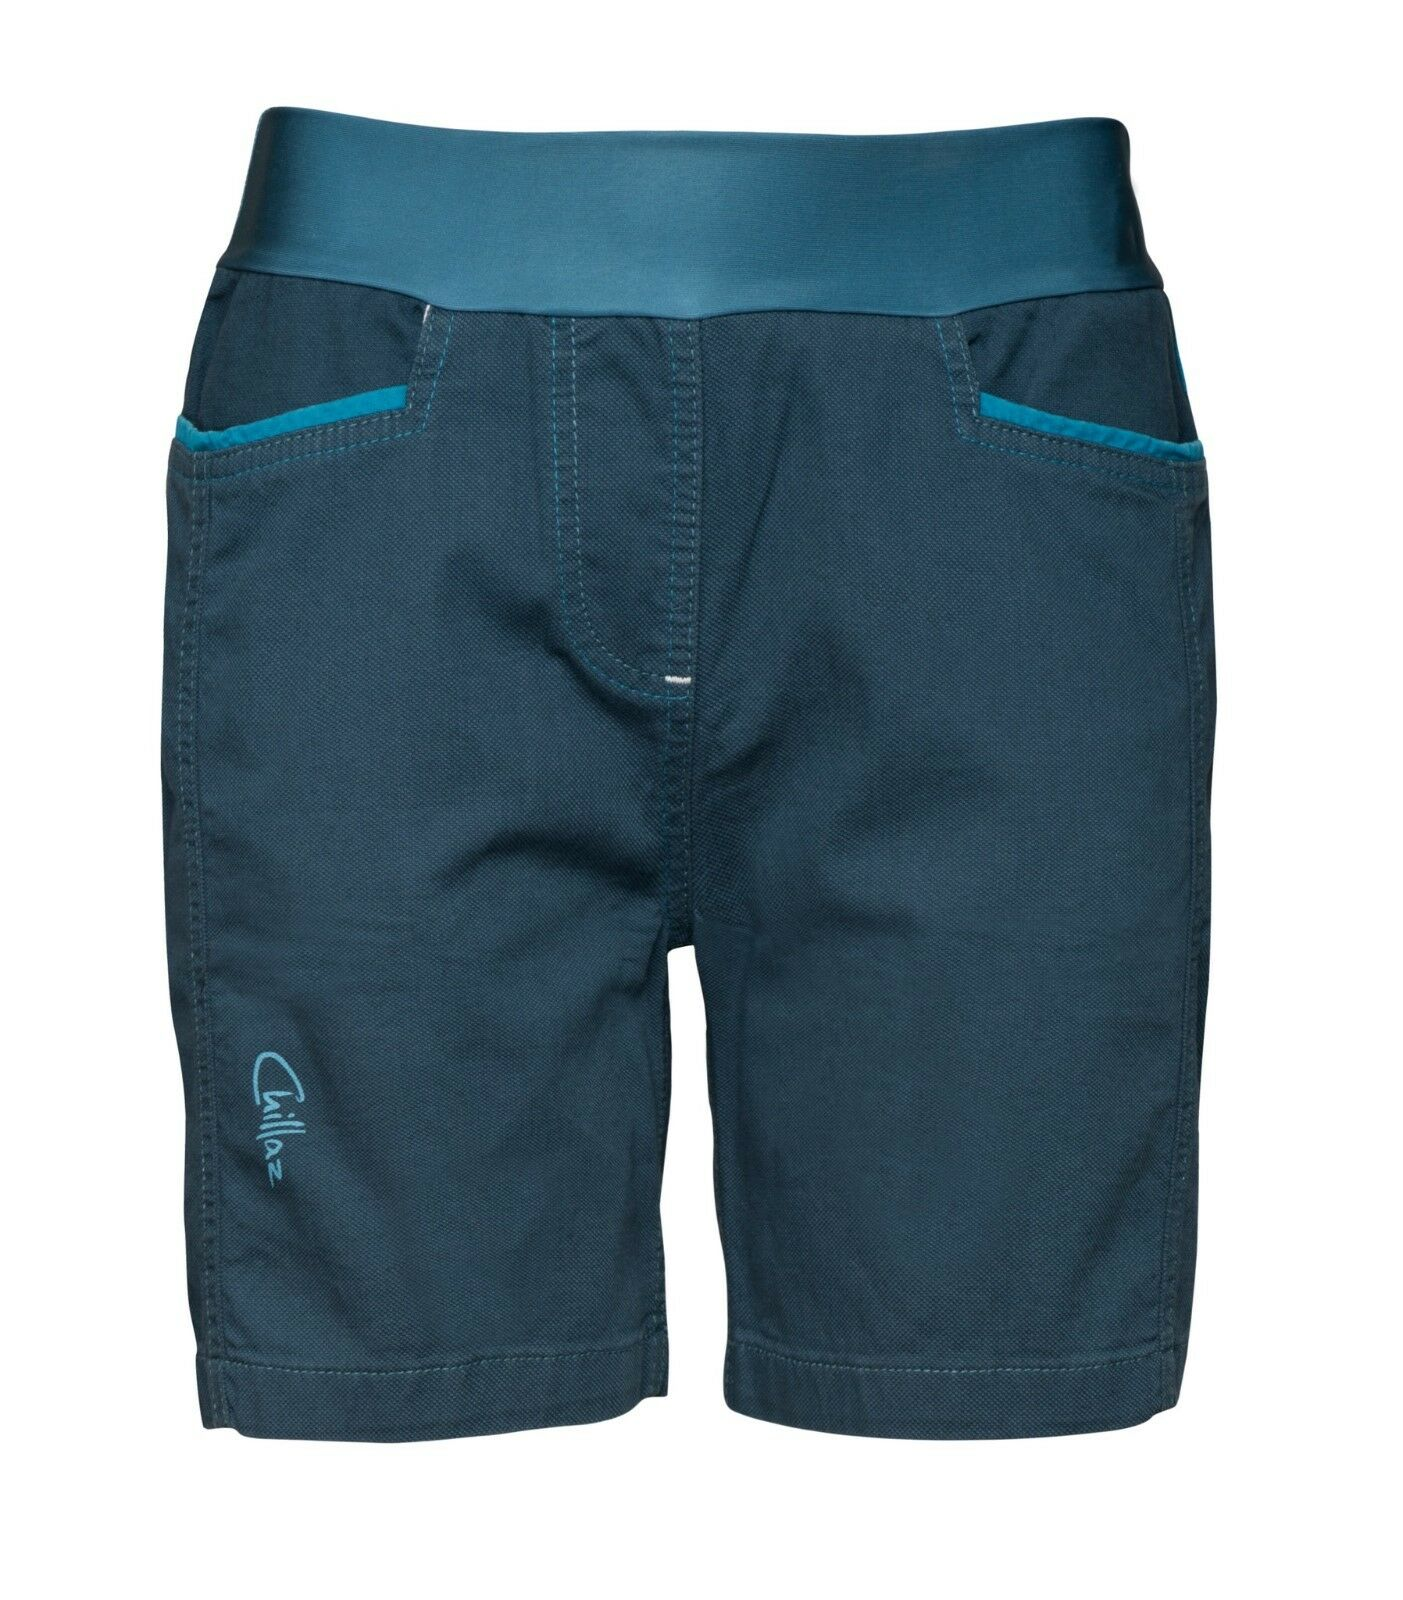 llaz Sarah Shorty,  Women's Shorts,Dark bluee,Climbing Casual Shorts  best offer